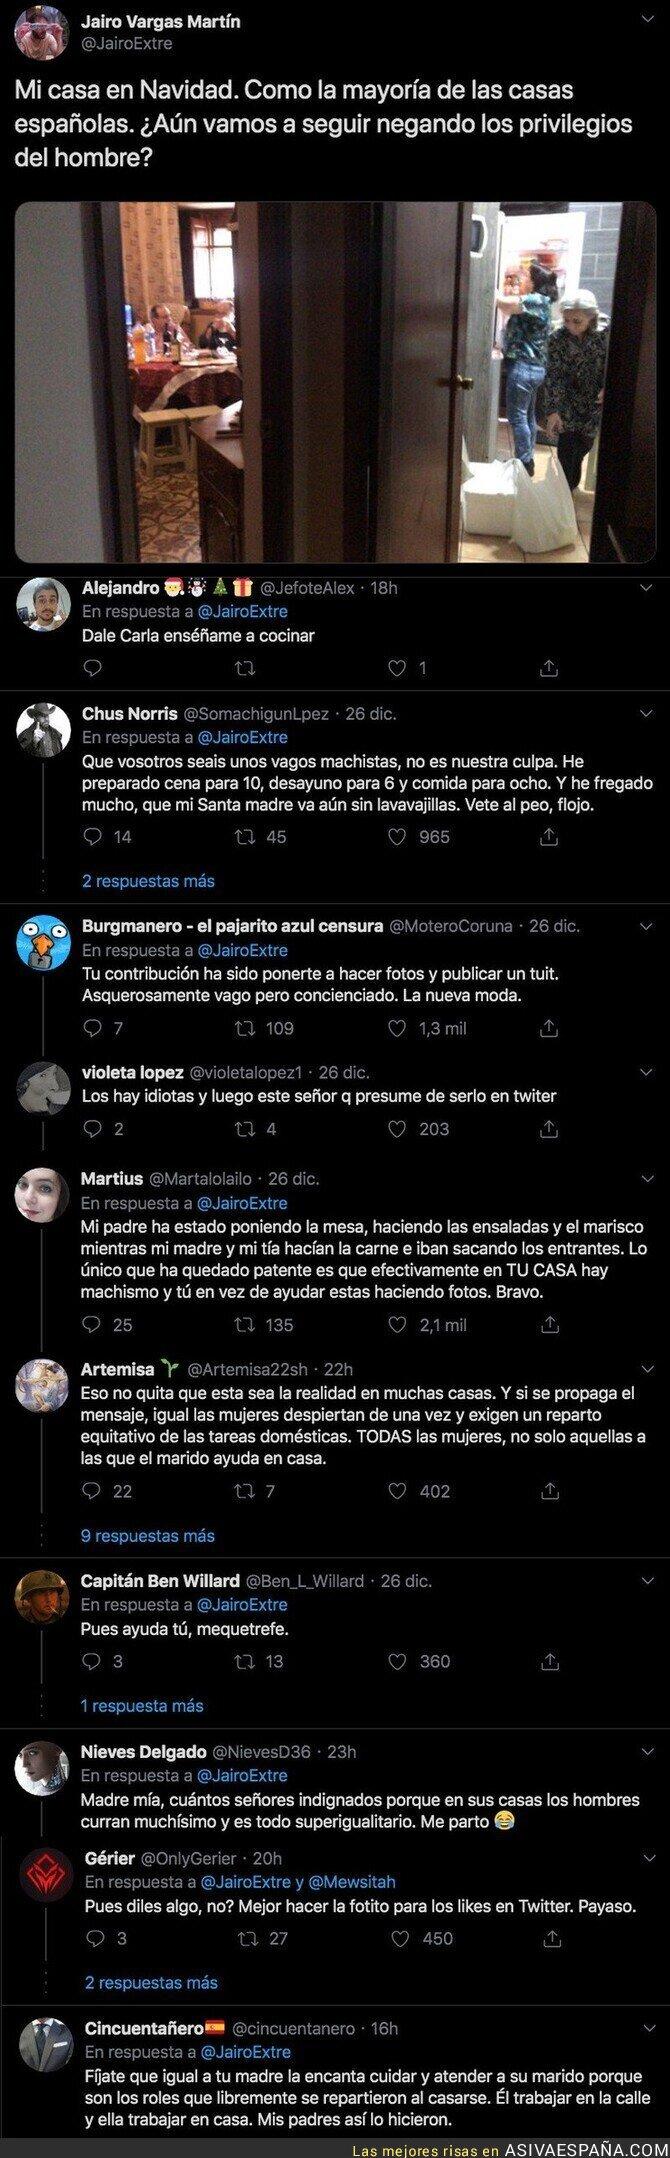 130450 - Intenta demostrar que en las casas españolas hay machismo y todo el mundo en Twitter le crucifica